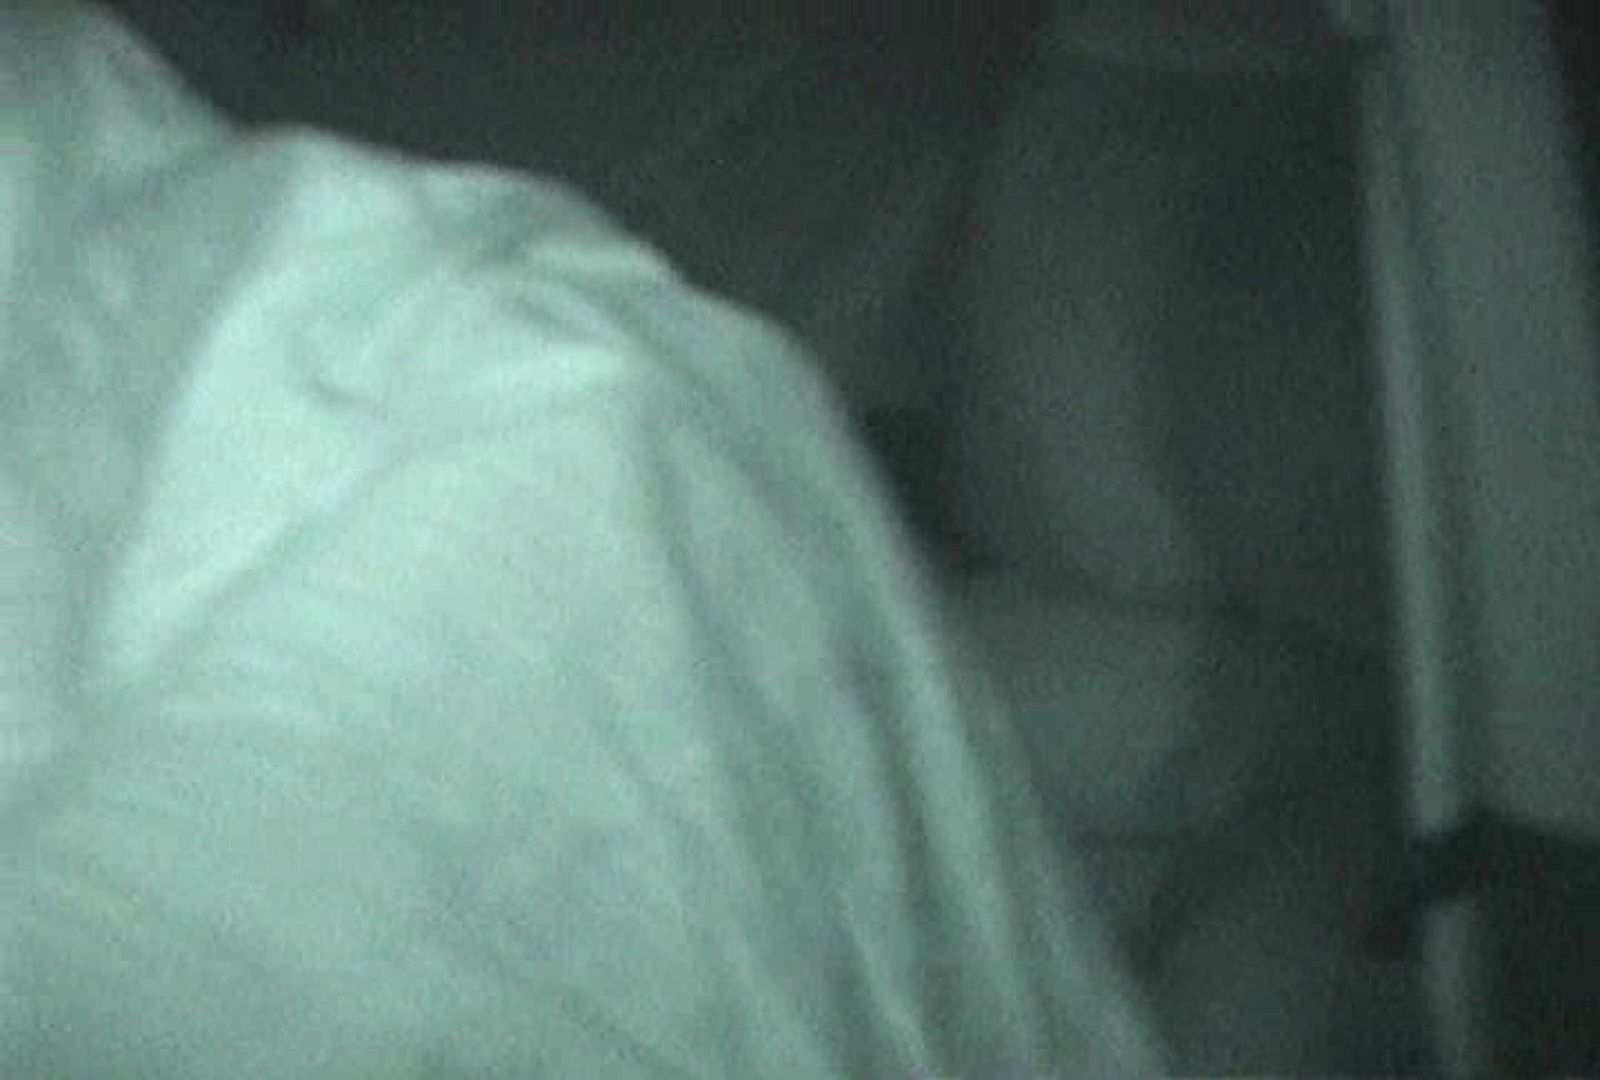 充血監督の深夜の運動会Vol.67 カップルもろsex SEX無修正画像 92PICs 43